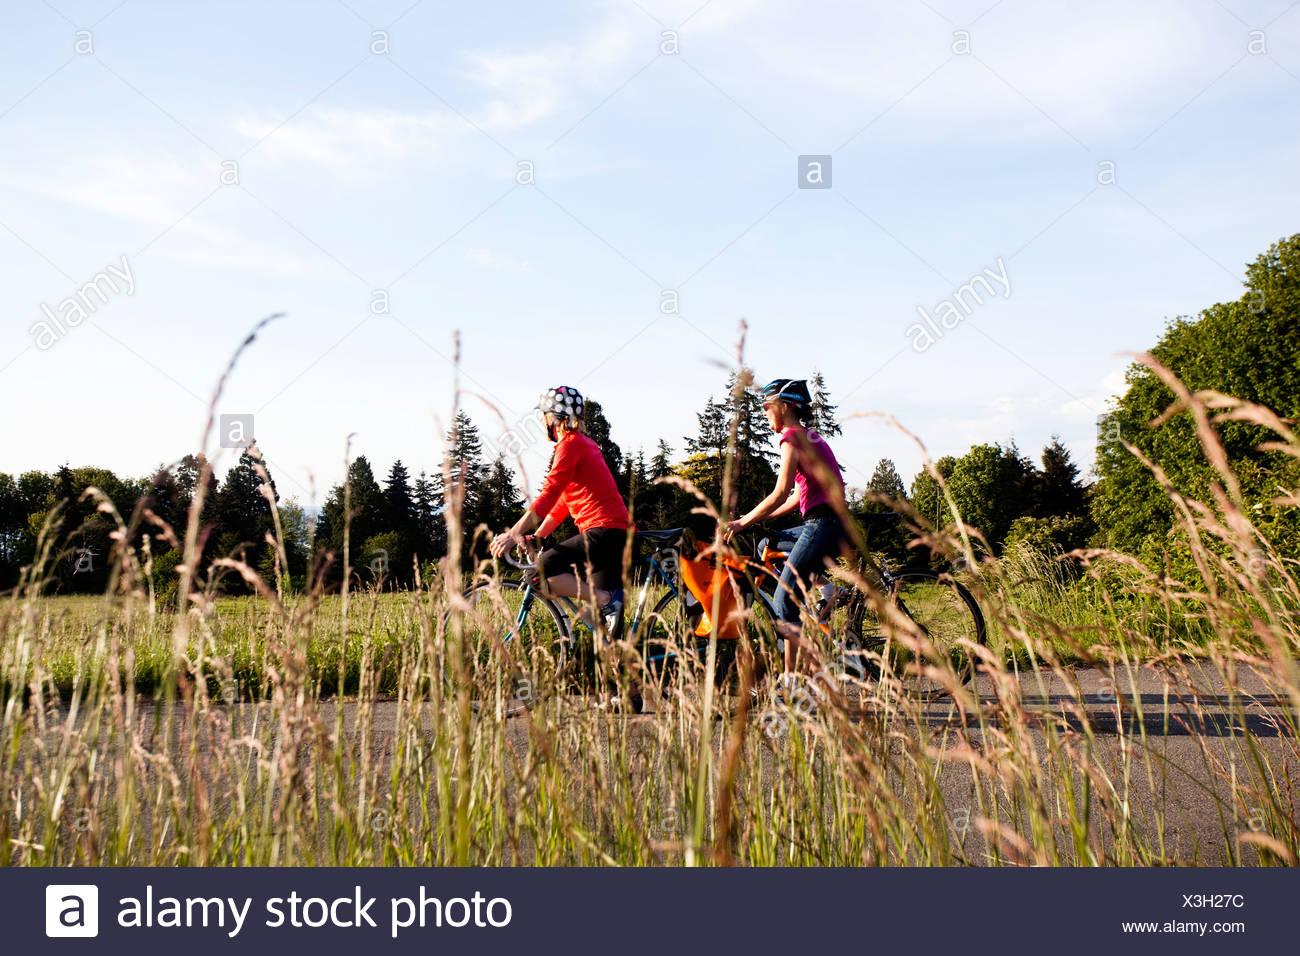 Deux jeunes femmes bénéficient d'utres vue sur le trajet de retour du travail dans un parc. Photo Stock